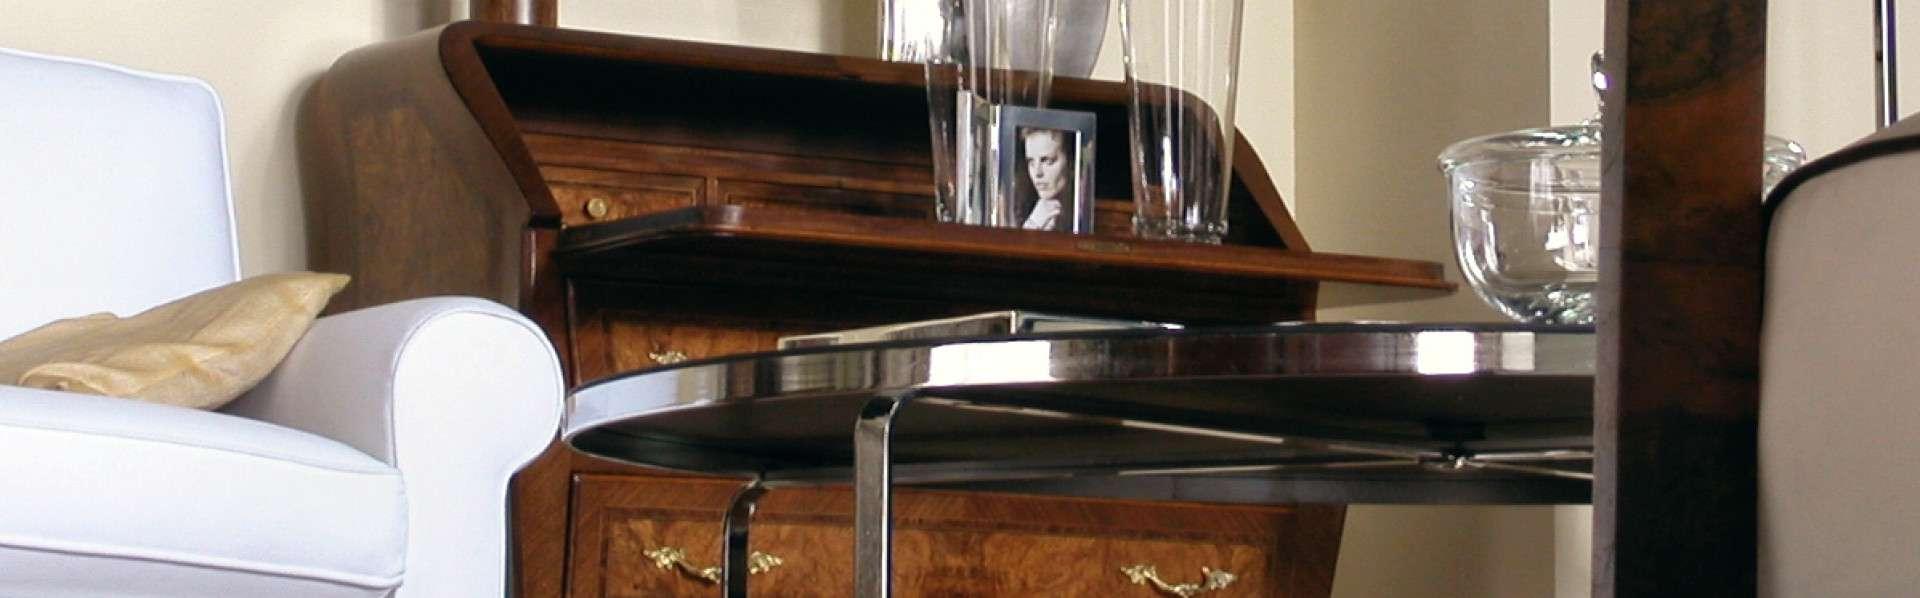 Savoldi dal 1959 Arredi Esclusivi di Lusso Made in Italy